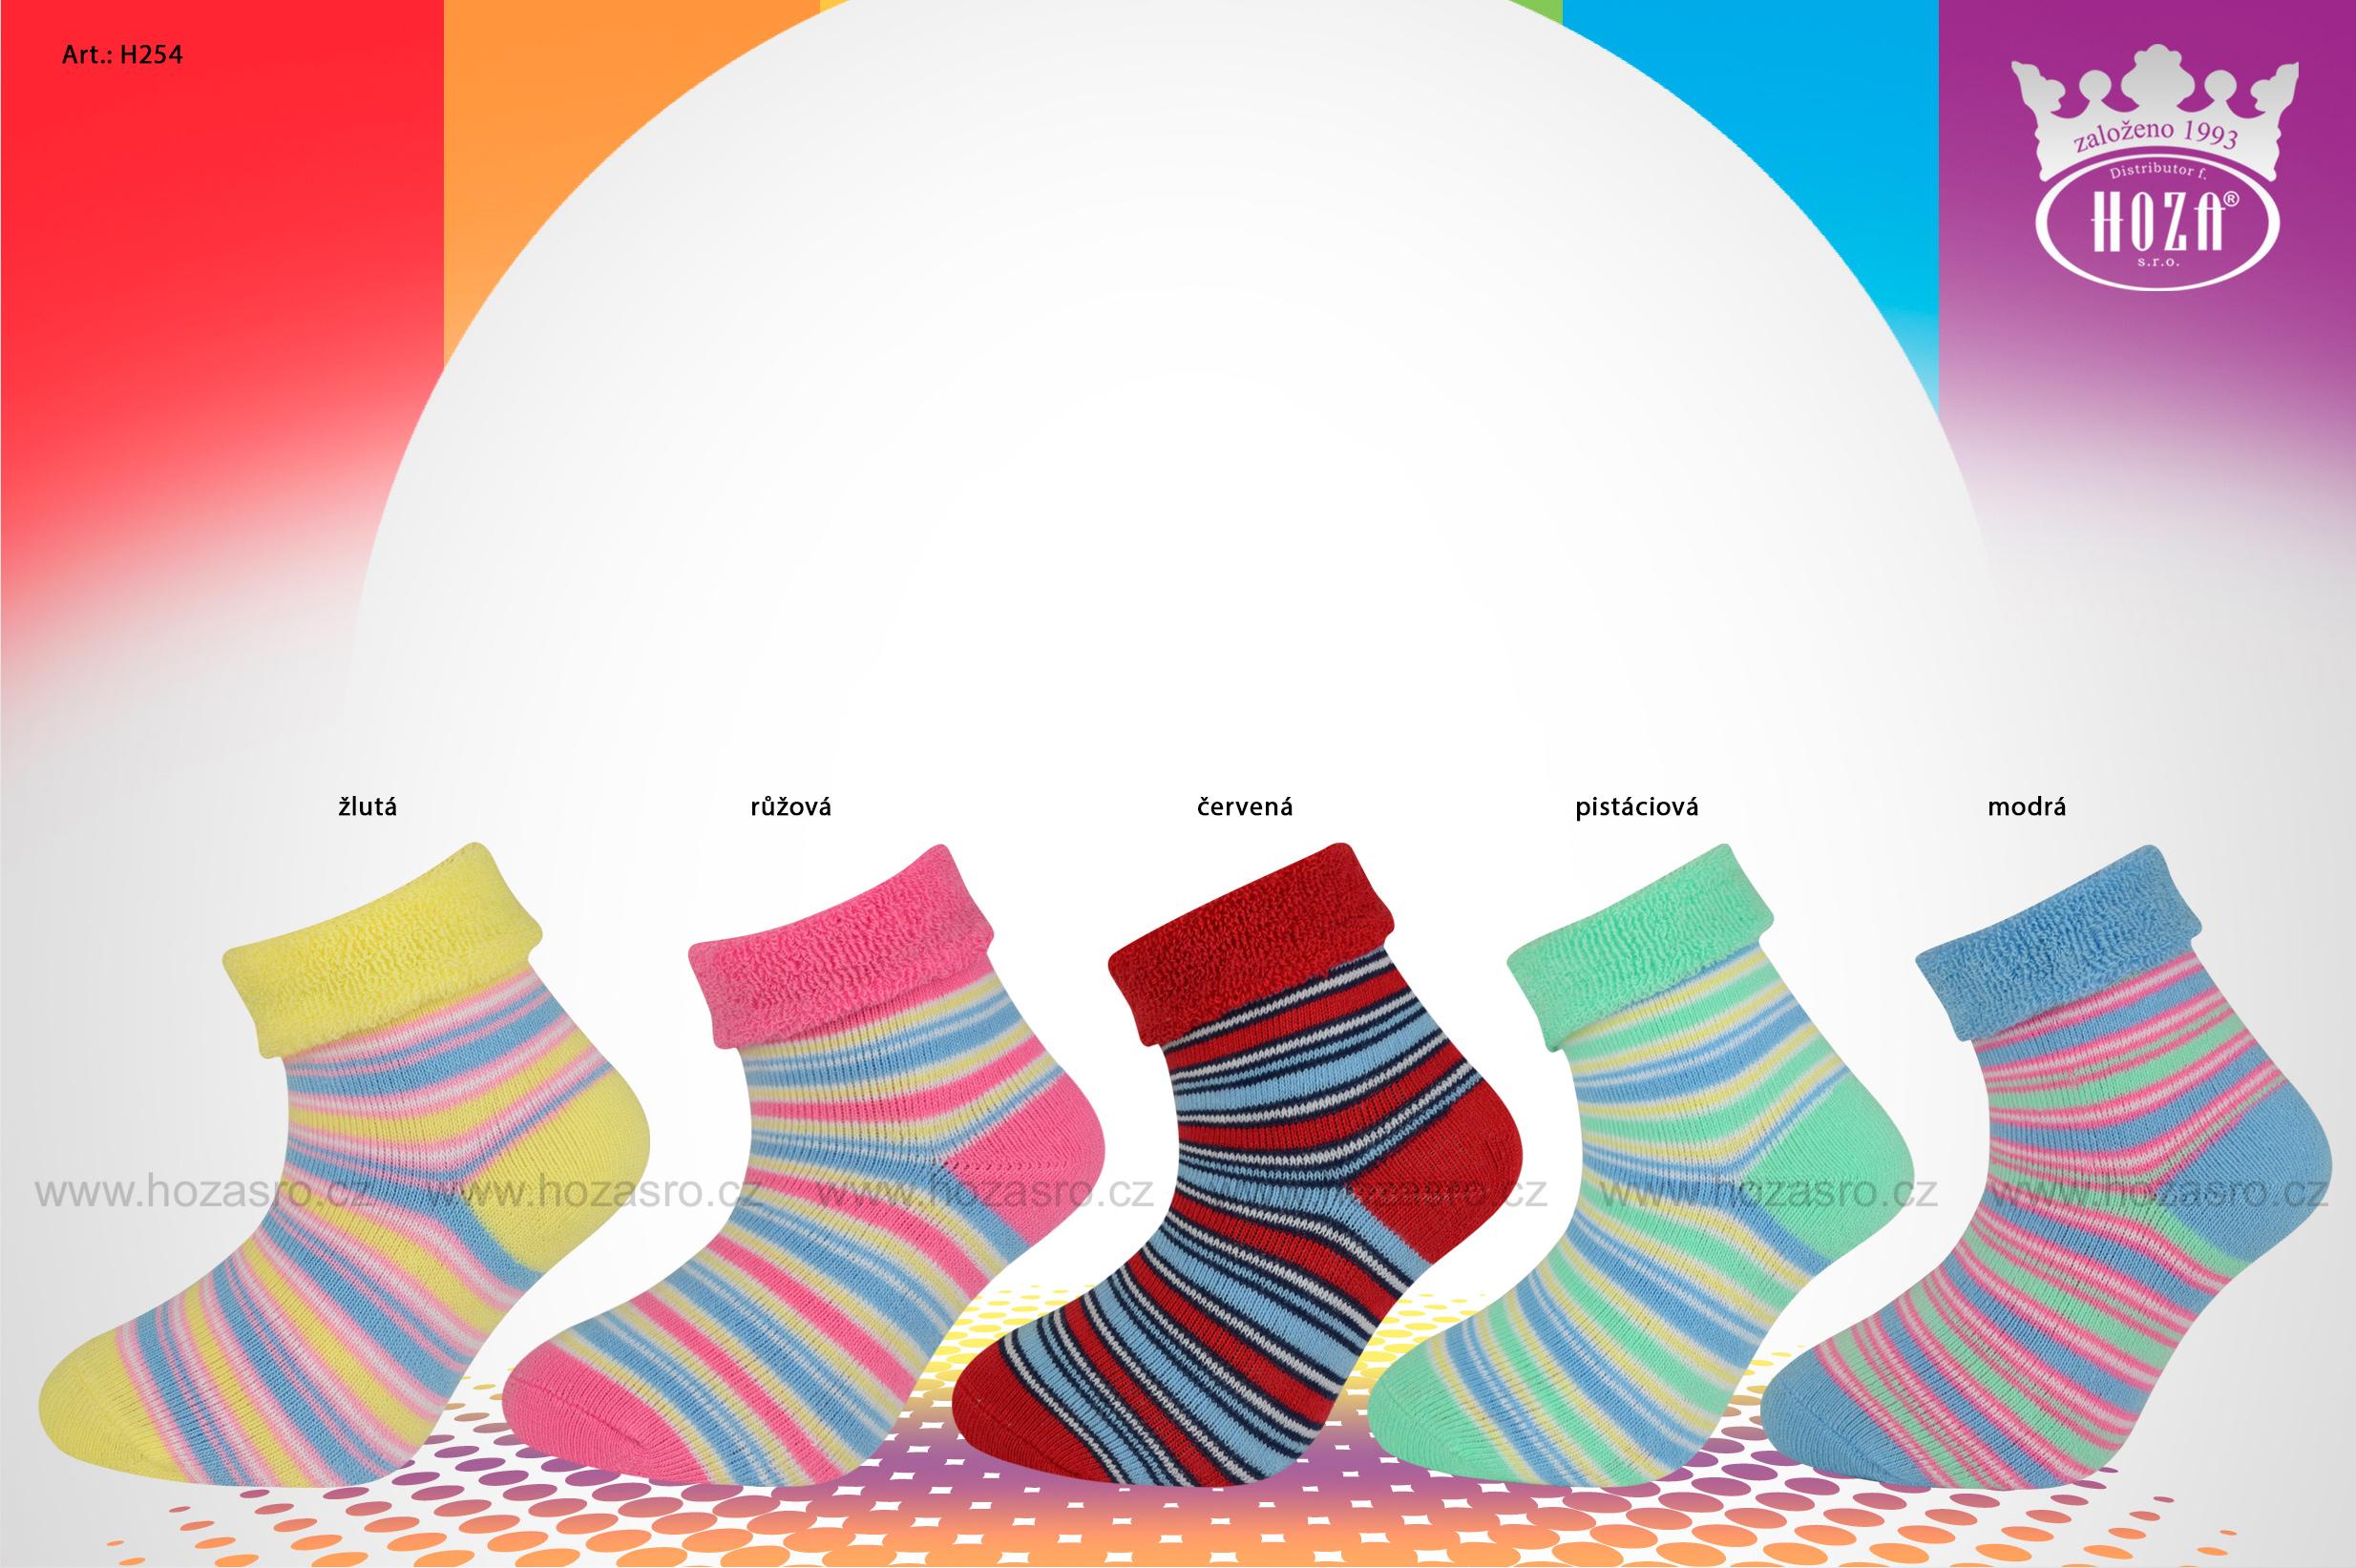 Kojenecké ponožky froté - pruhy - H254